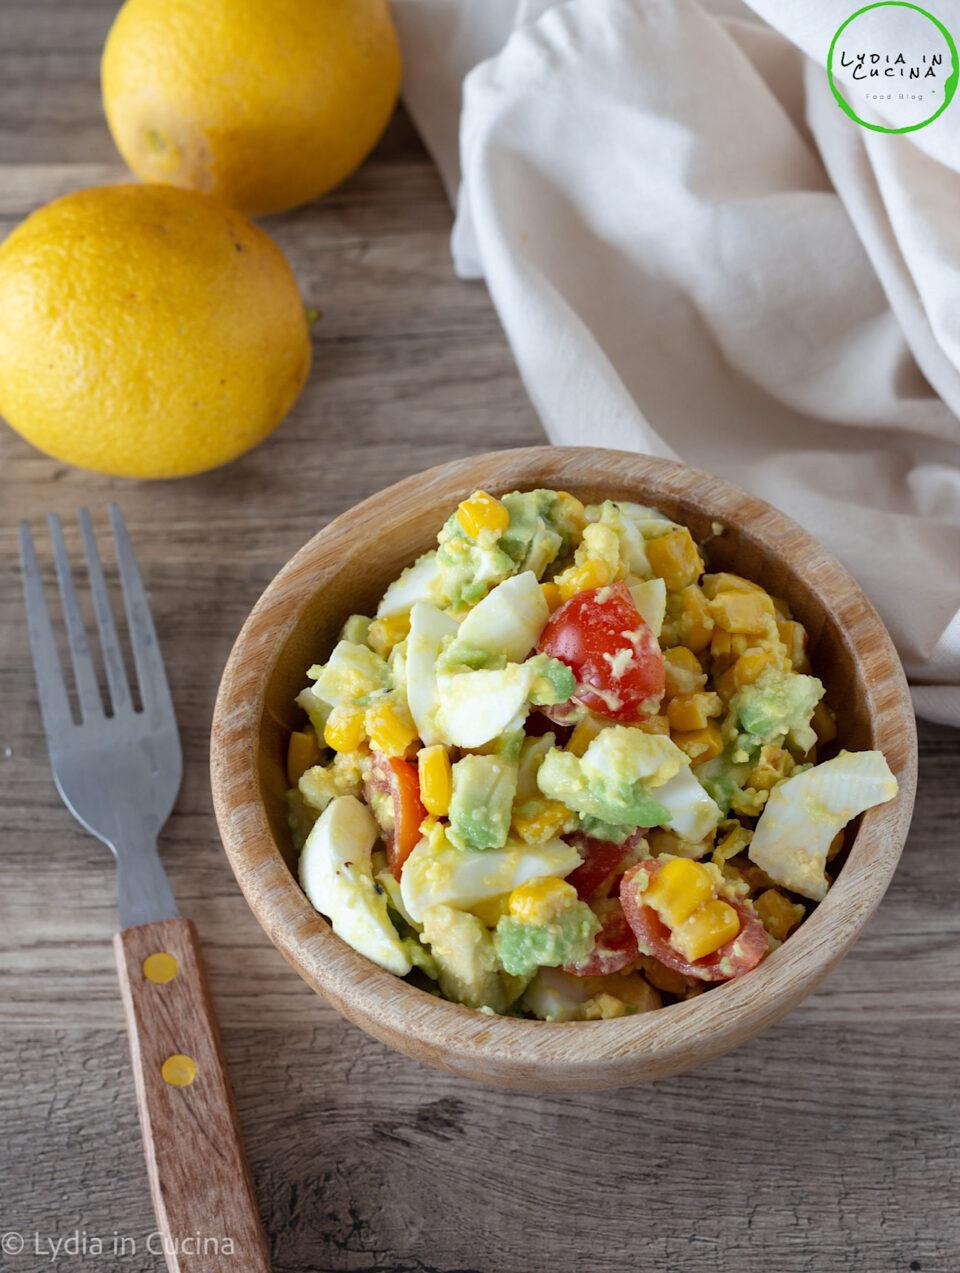 insalata di uova e avocado